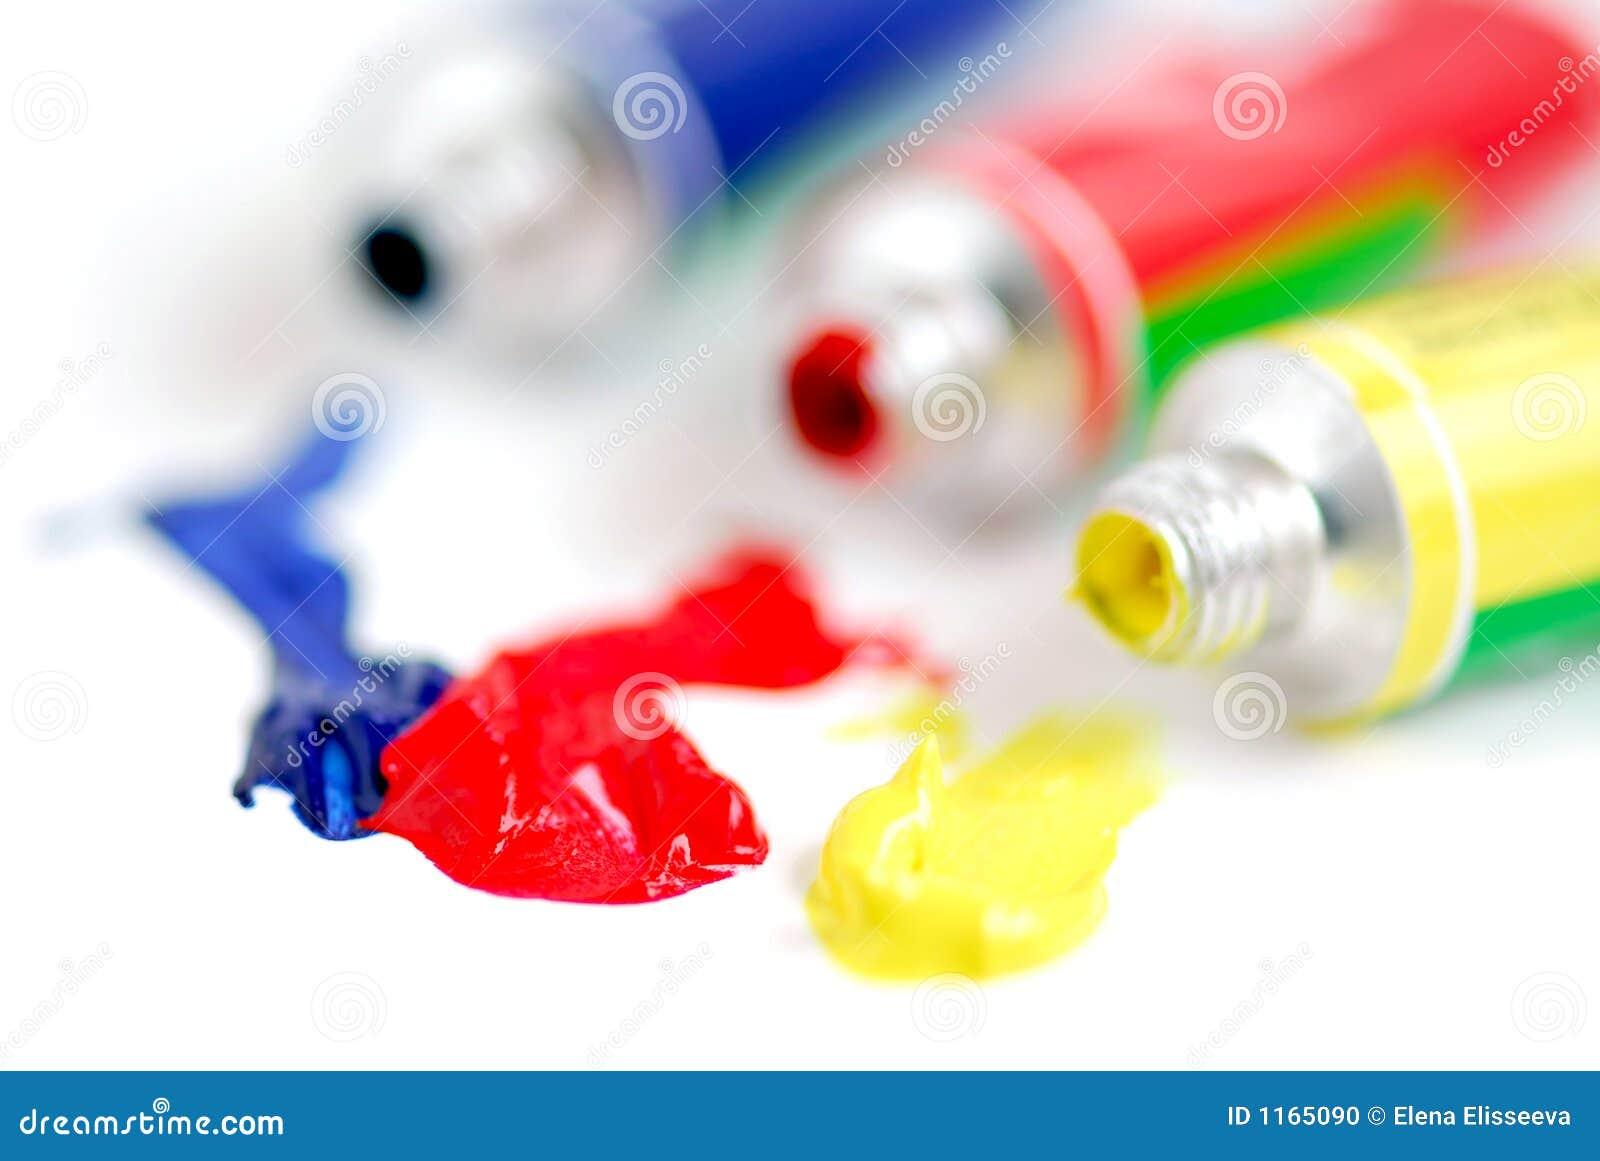 Peinture De Couleurs Primaires Photo stock  Image 1165090